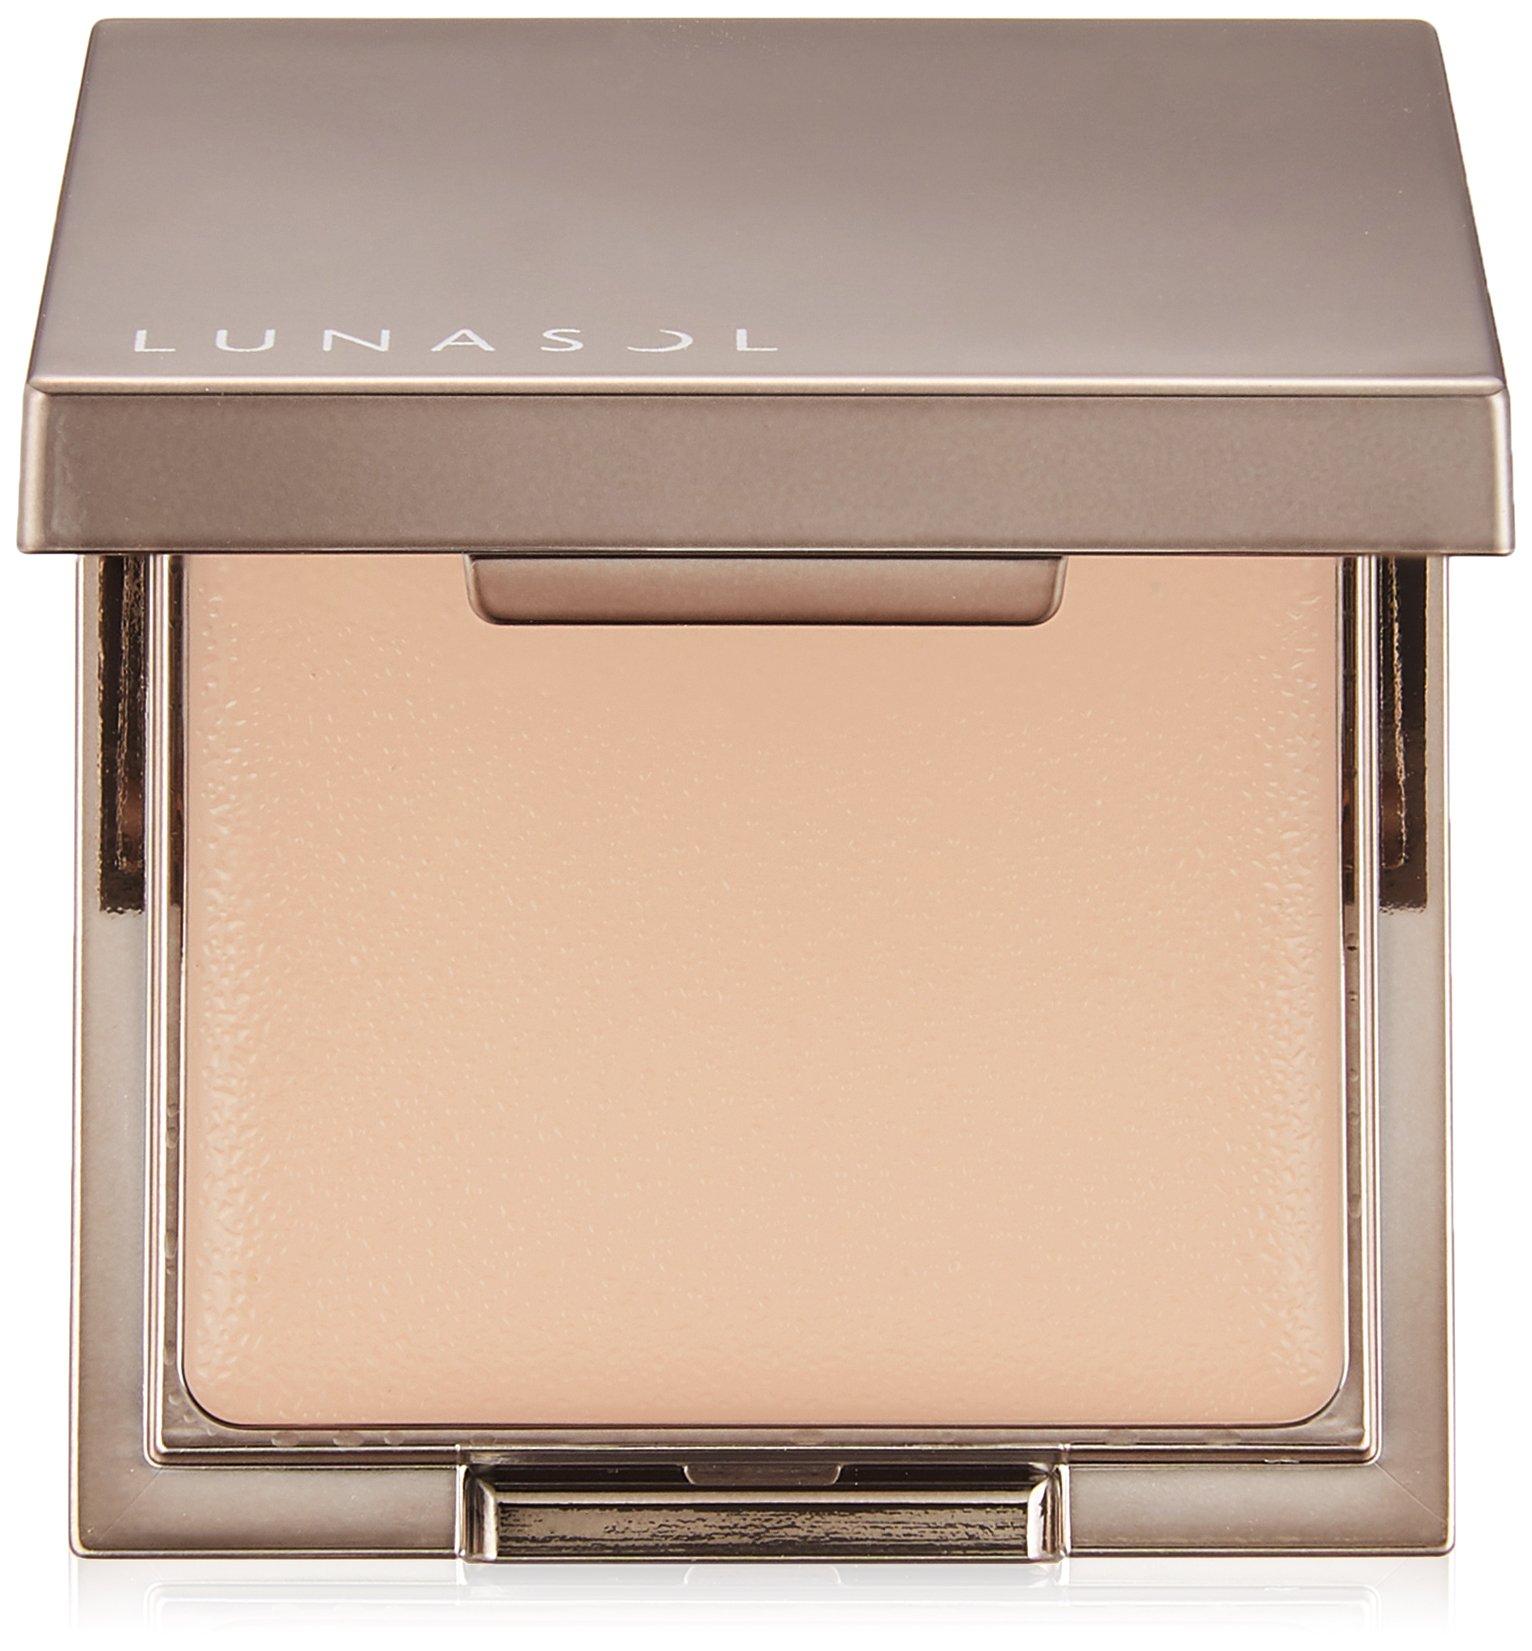 LUNASOL Eyelid Base N 01 Neutral, 2.5g by Lunasol